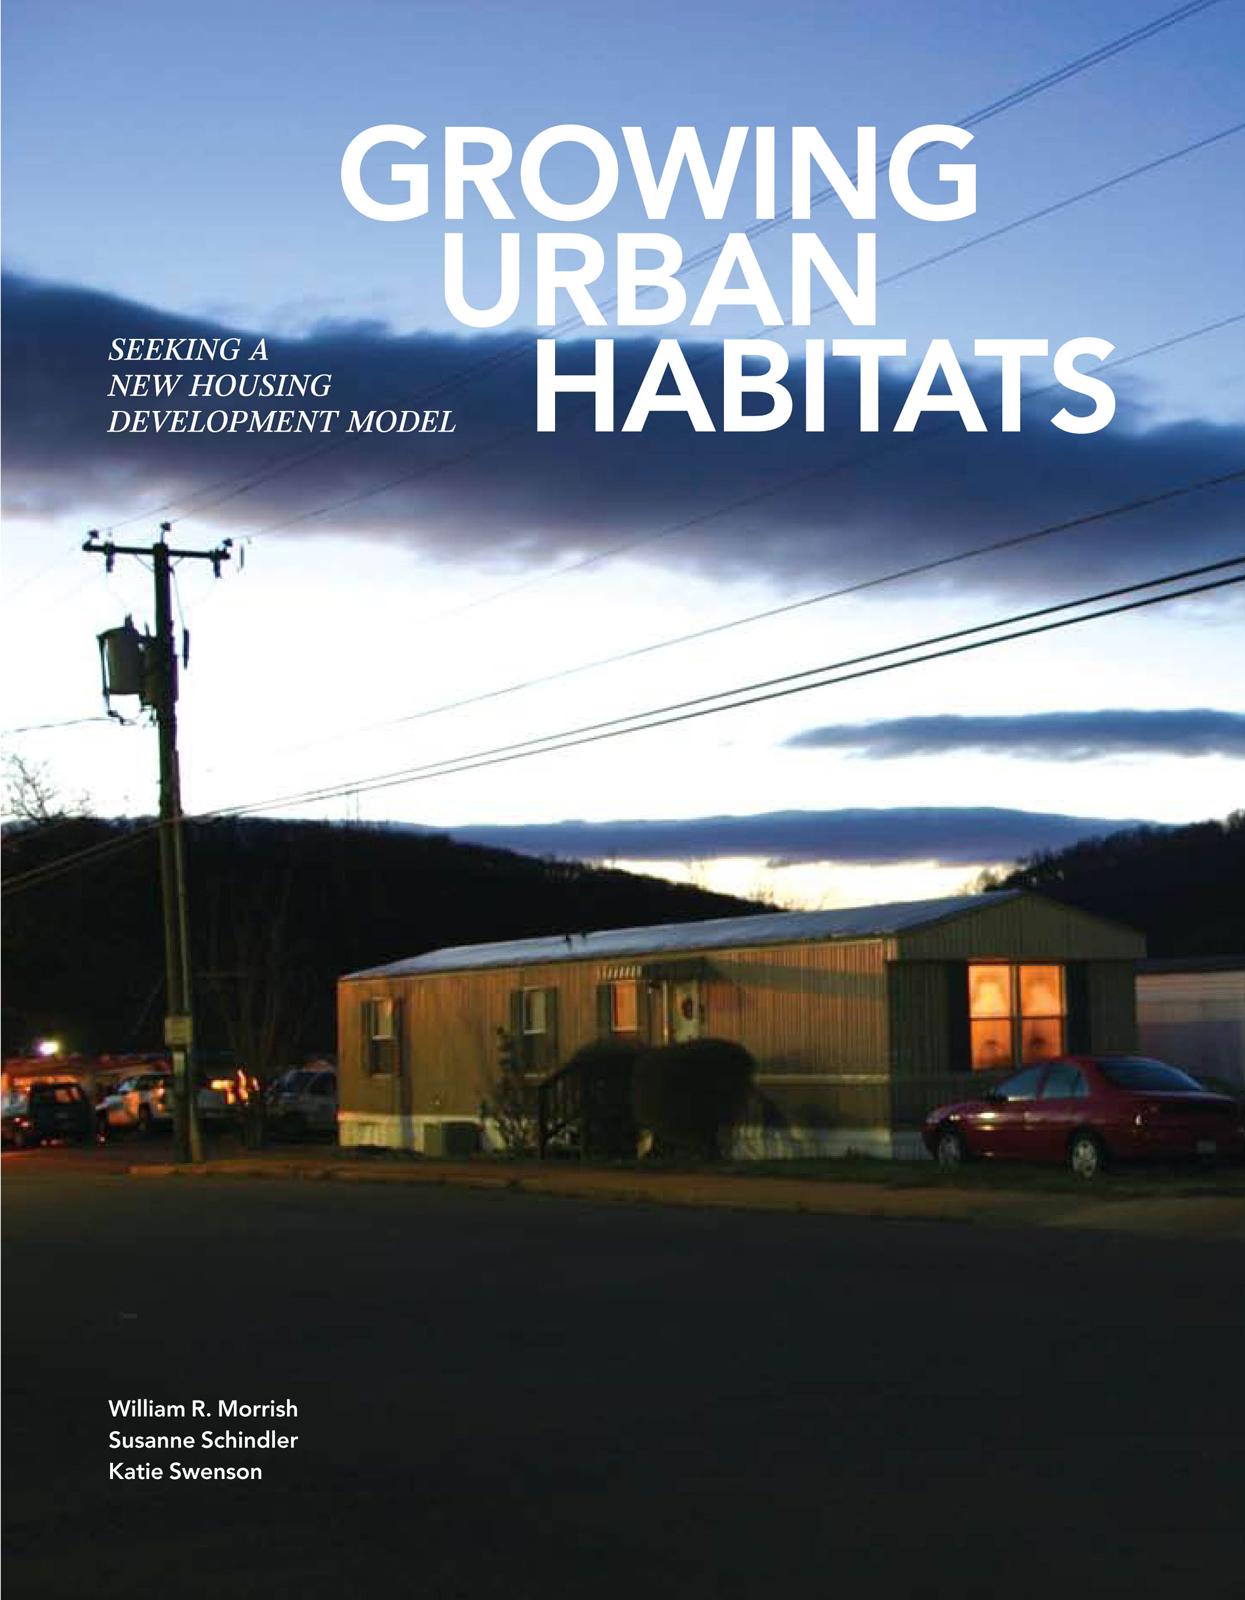 Growing Urban Habitats